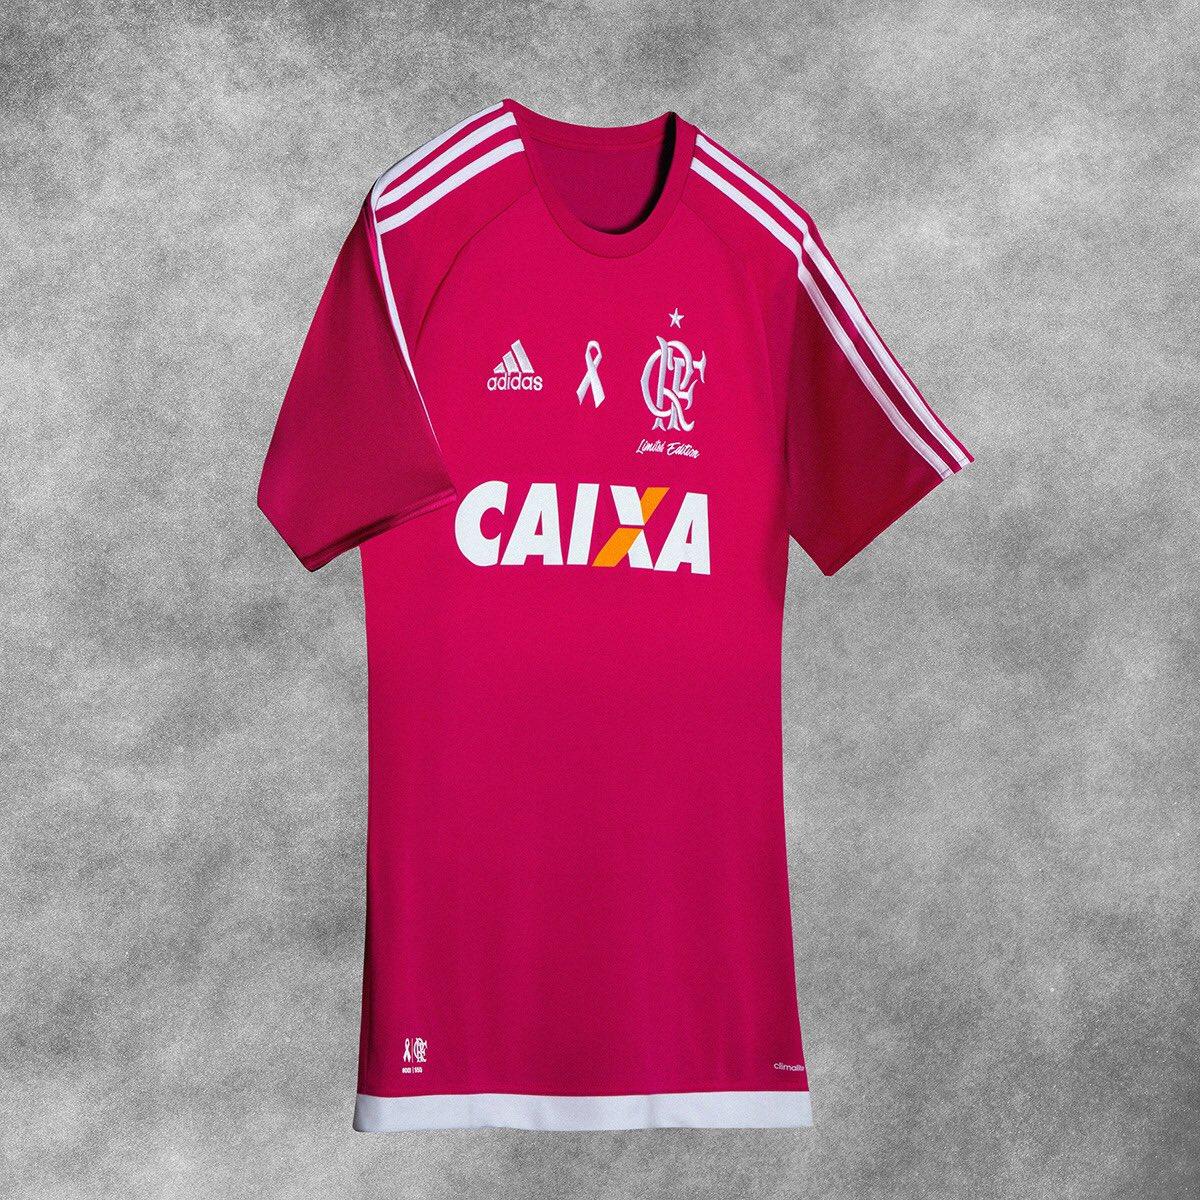 O Flamengo apoia o Outubro Rosa. Edição limitada.